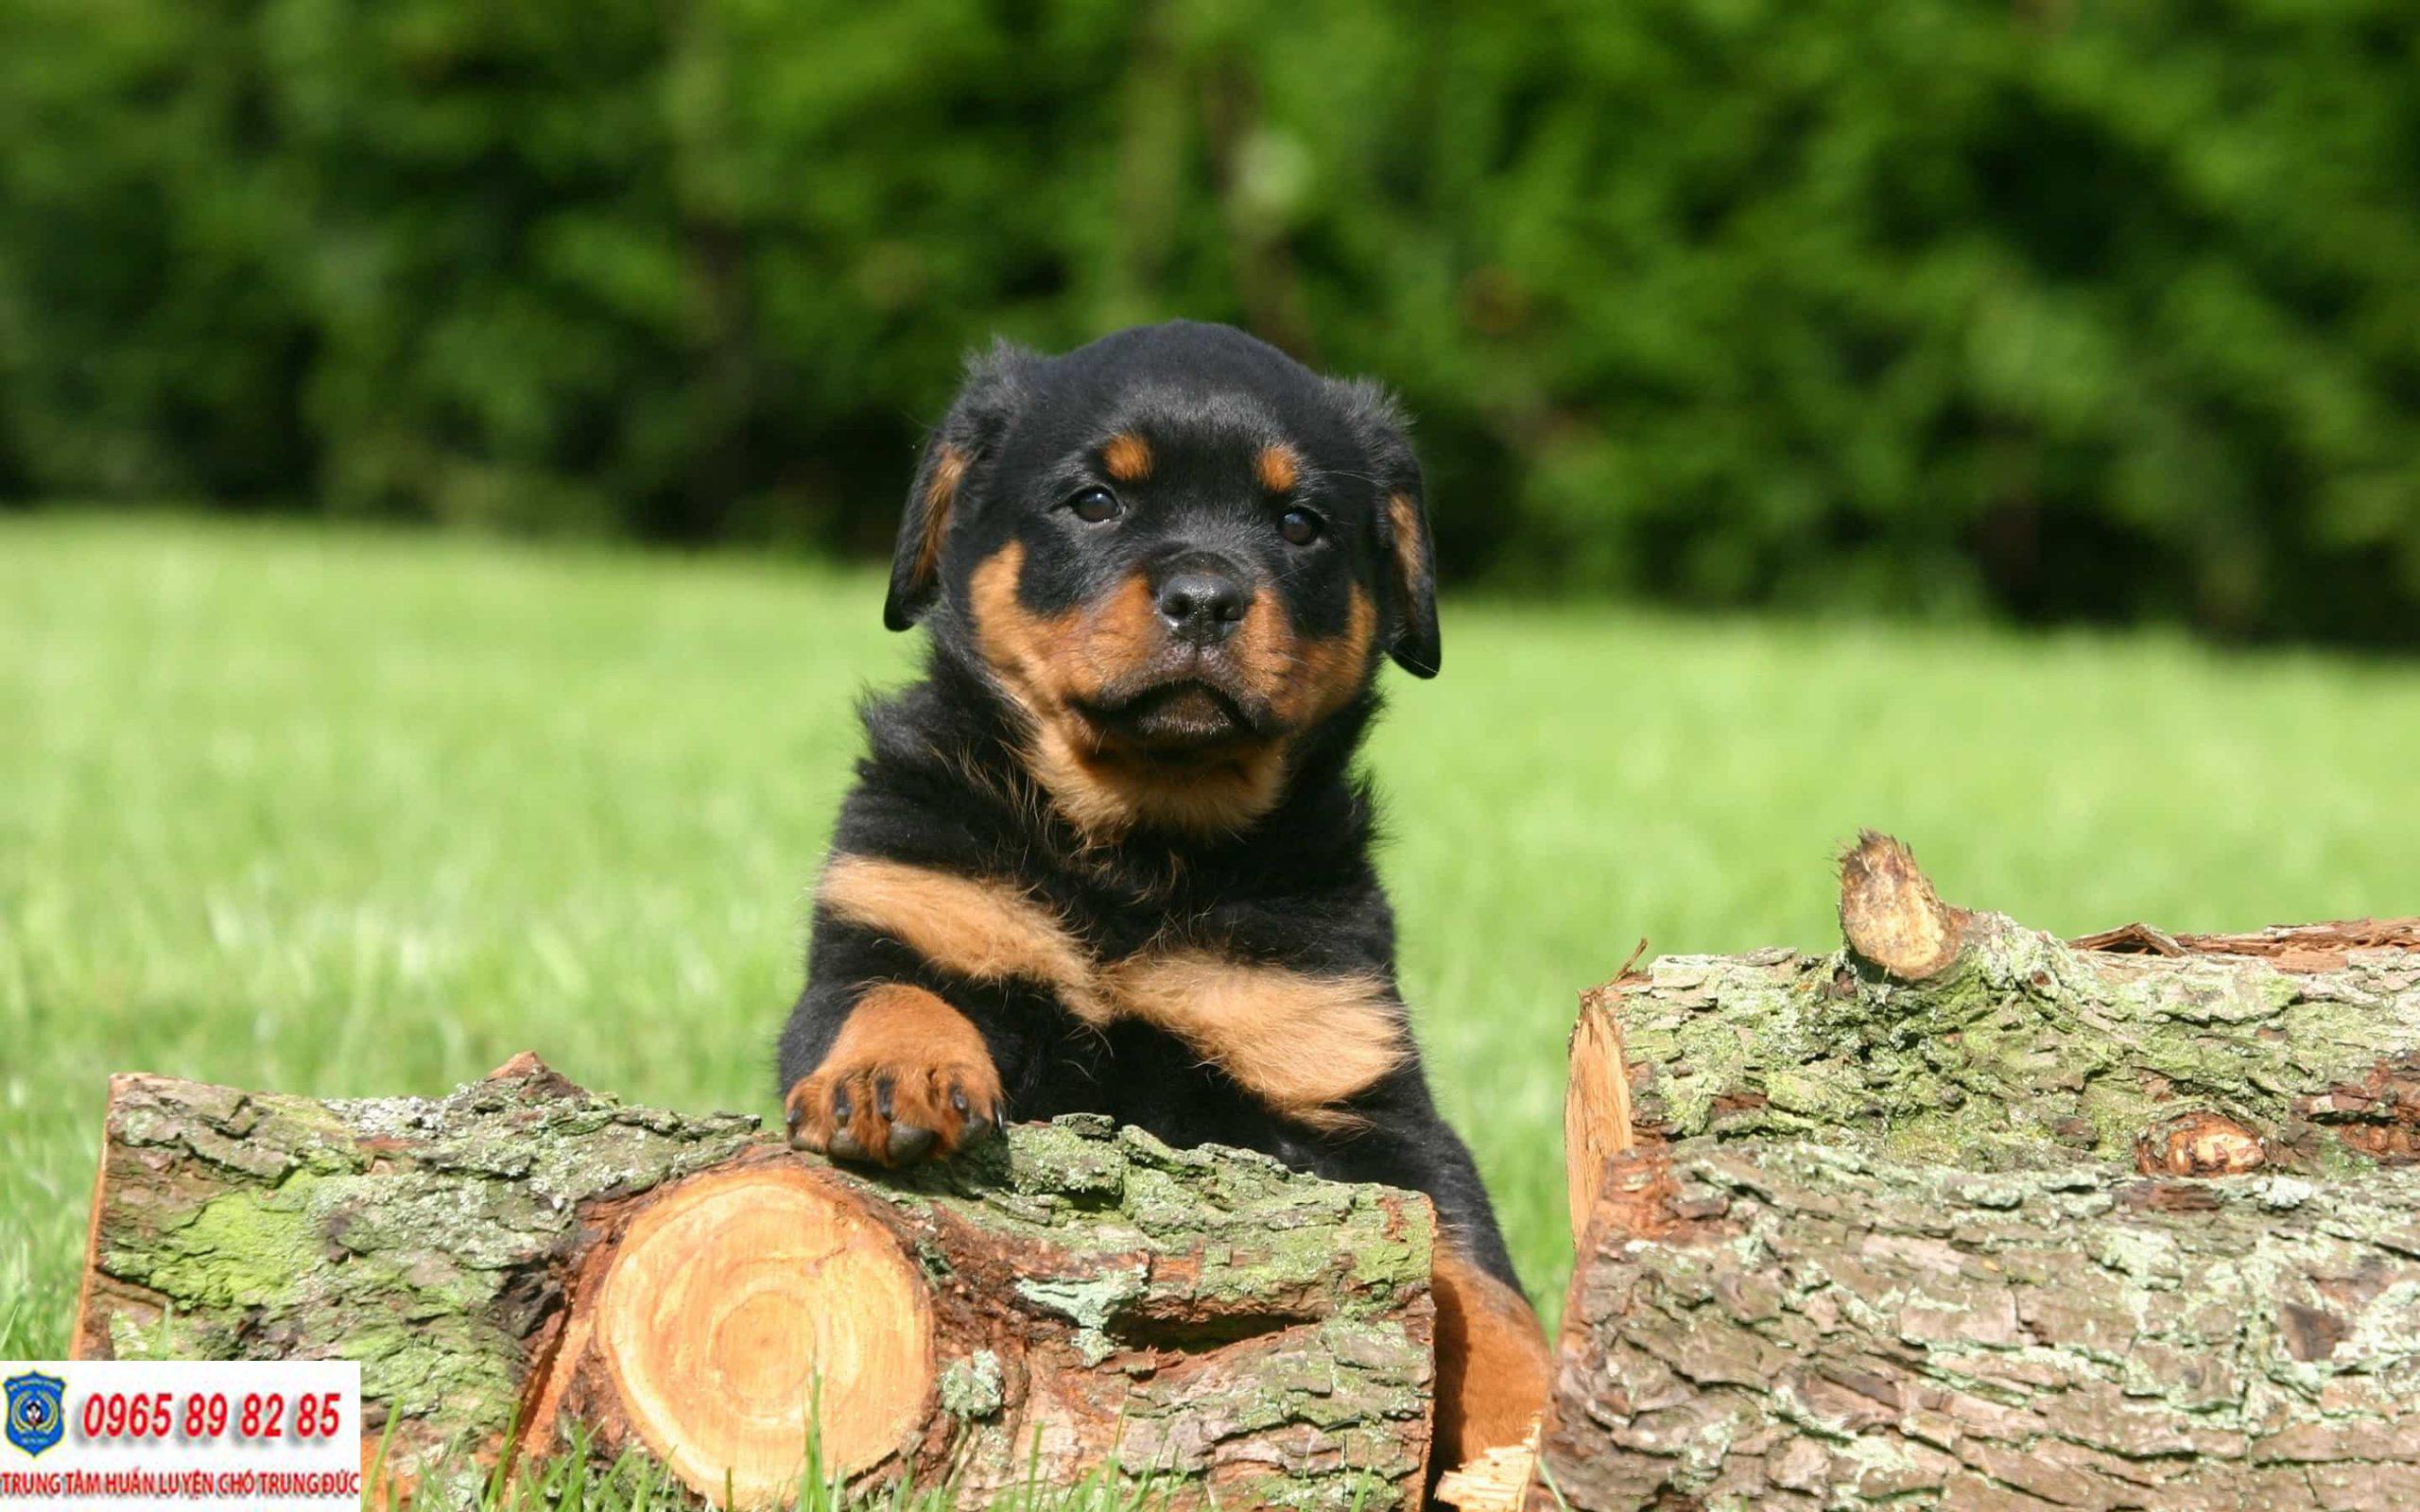 Hướng dẫn cách huấn luyện chó Rottweiler hiệu quả mà đơn giản tại nhà